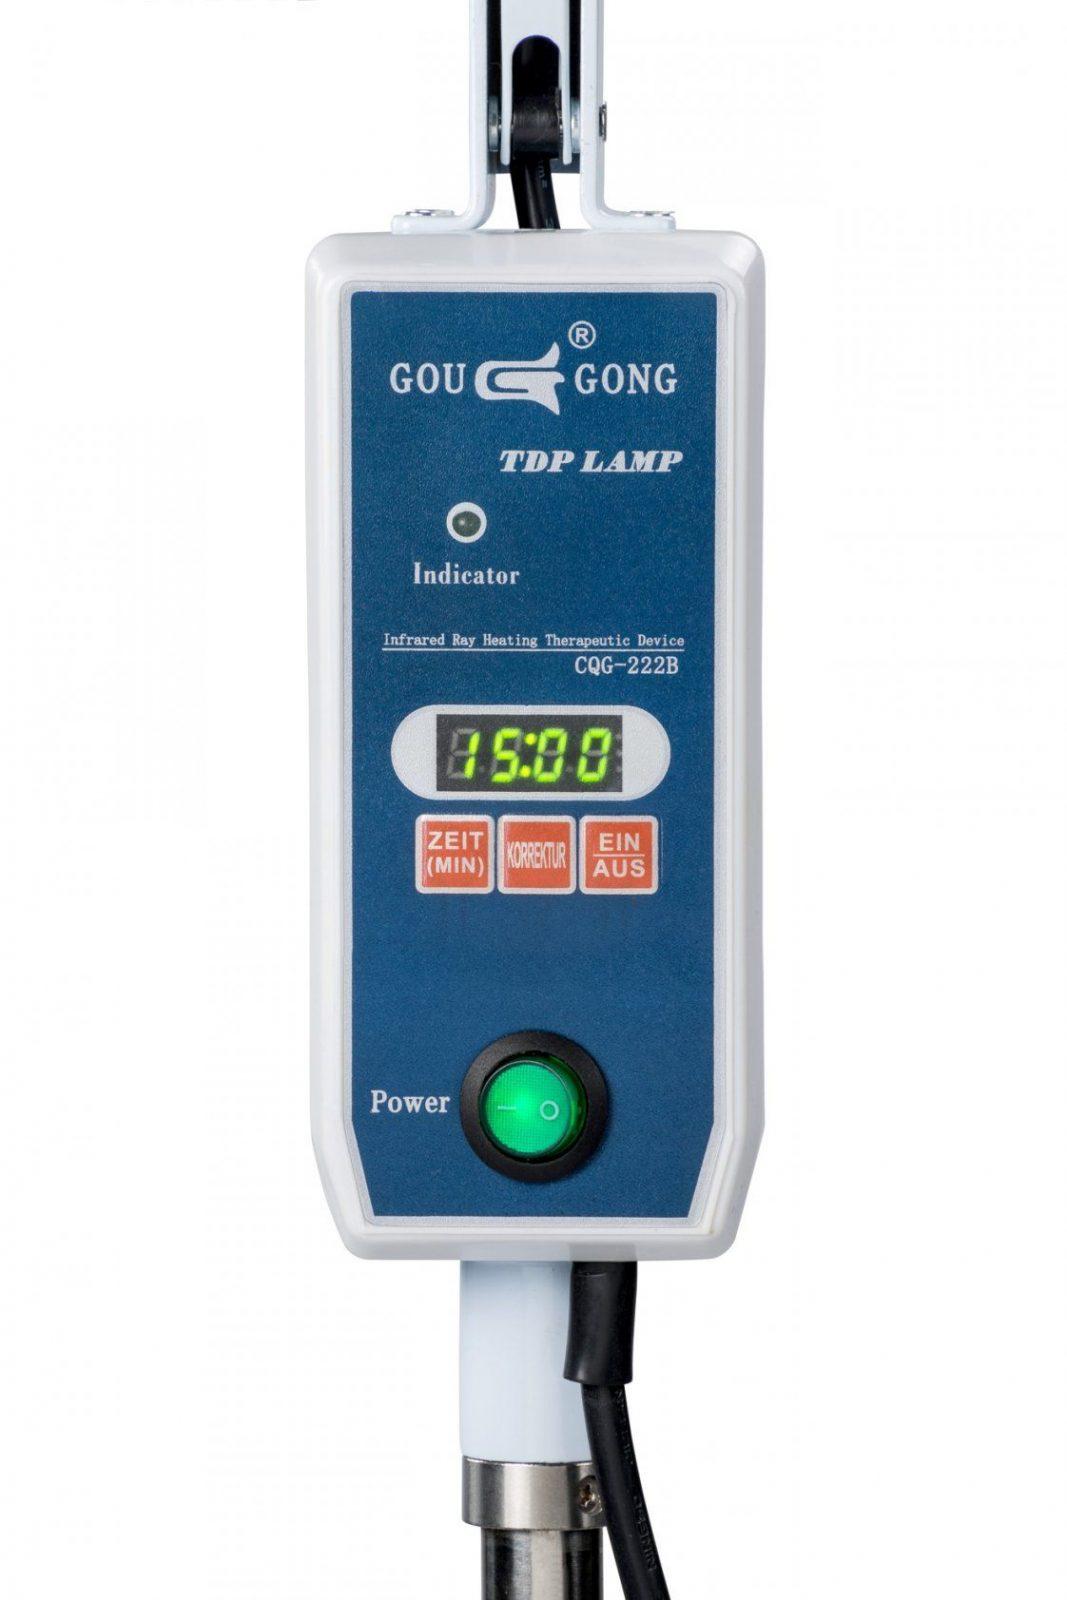 Gou Gong  Tdpgesellschaft von Gou Gong Lampe Erfahrungen Bild